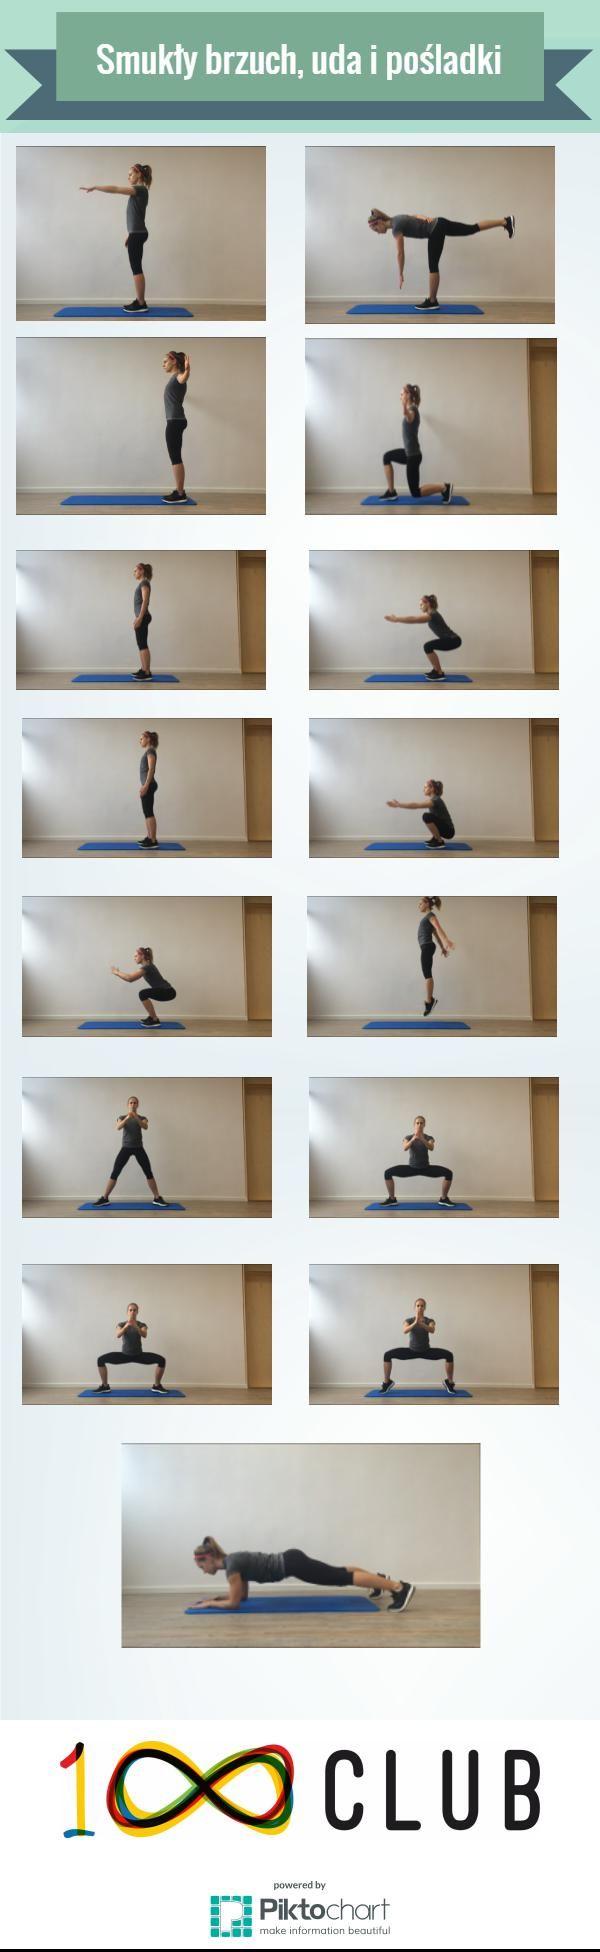 Trening na smukły brzuch, uda i pośladki - odsłona pierwsza! #trening #kobieta #fitness #fit #100club